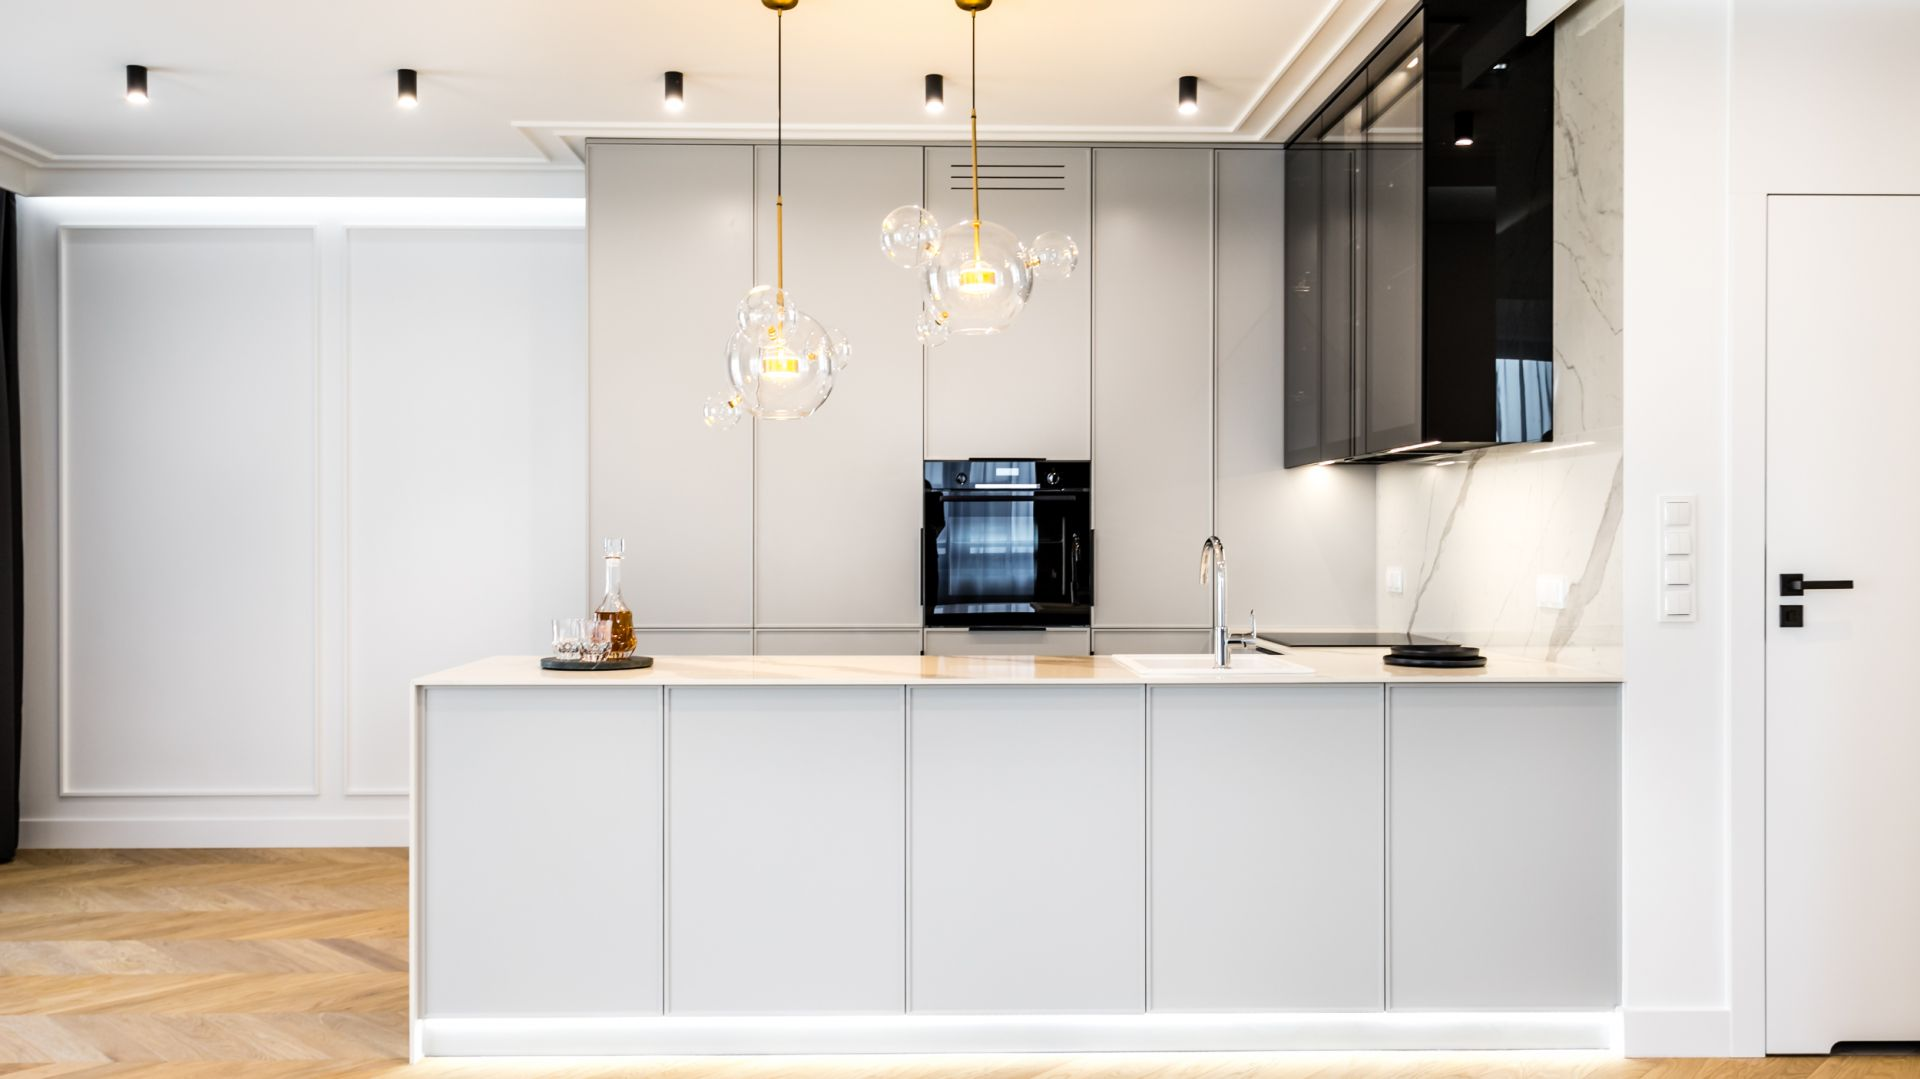 Kuchnia otwarta na salon zaprojektowana w jasnych kolorach. Projekt: Anna Milczarek, Moovin Group